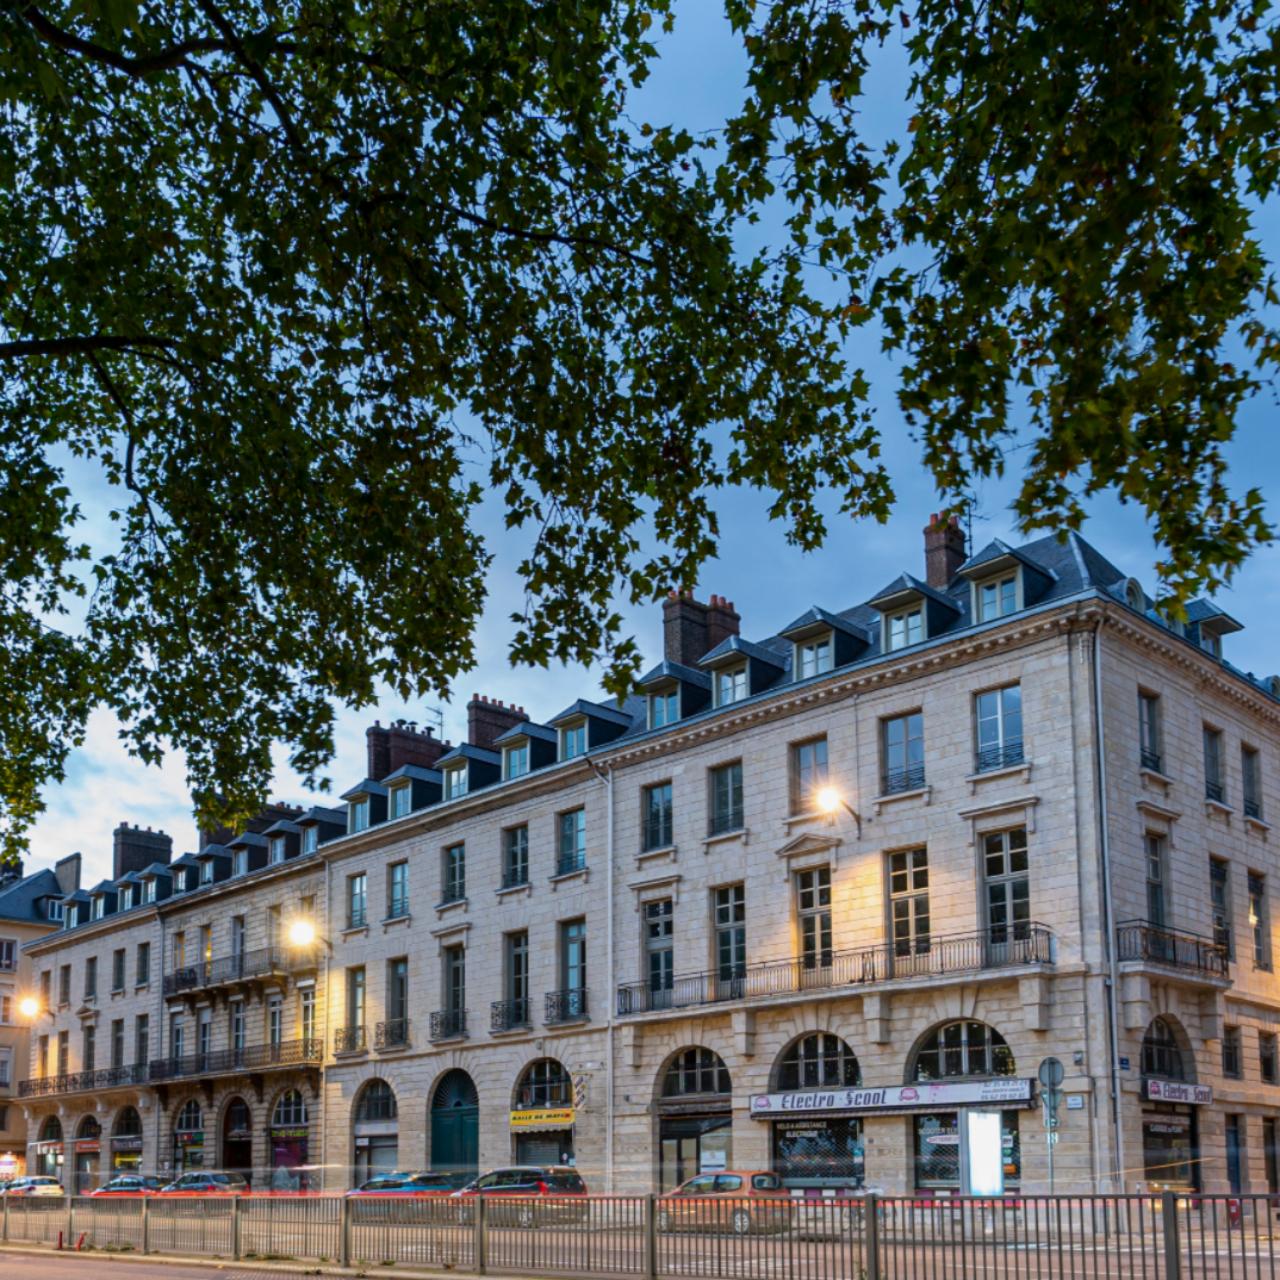 http://www.espacimmo.fr/wp-content/uploads/2021/05/Monuments-Historiques-Hotel-dArcourt-Rouen-2-1280x1280.png